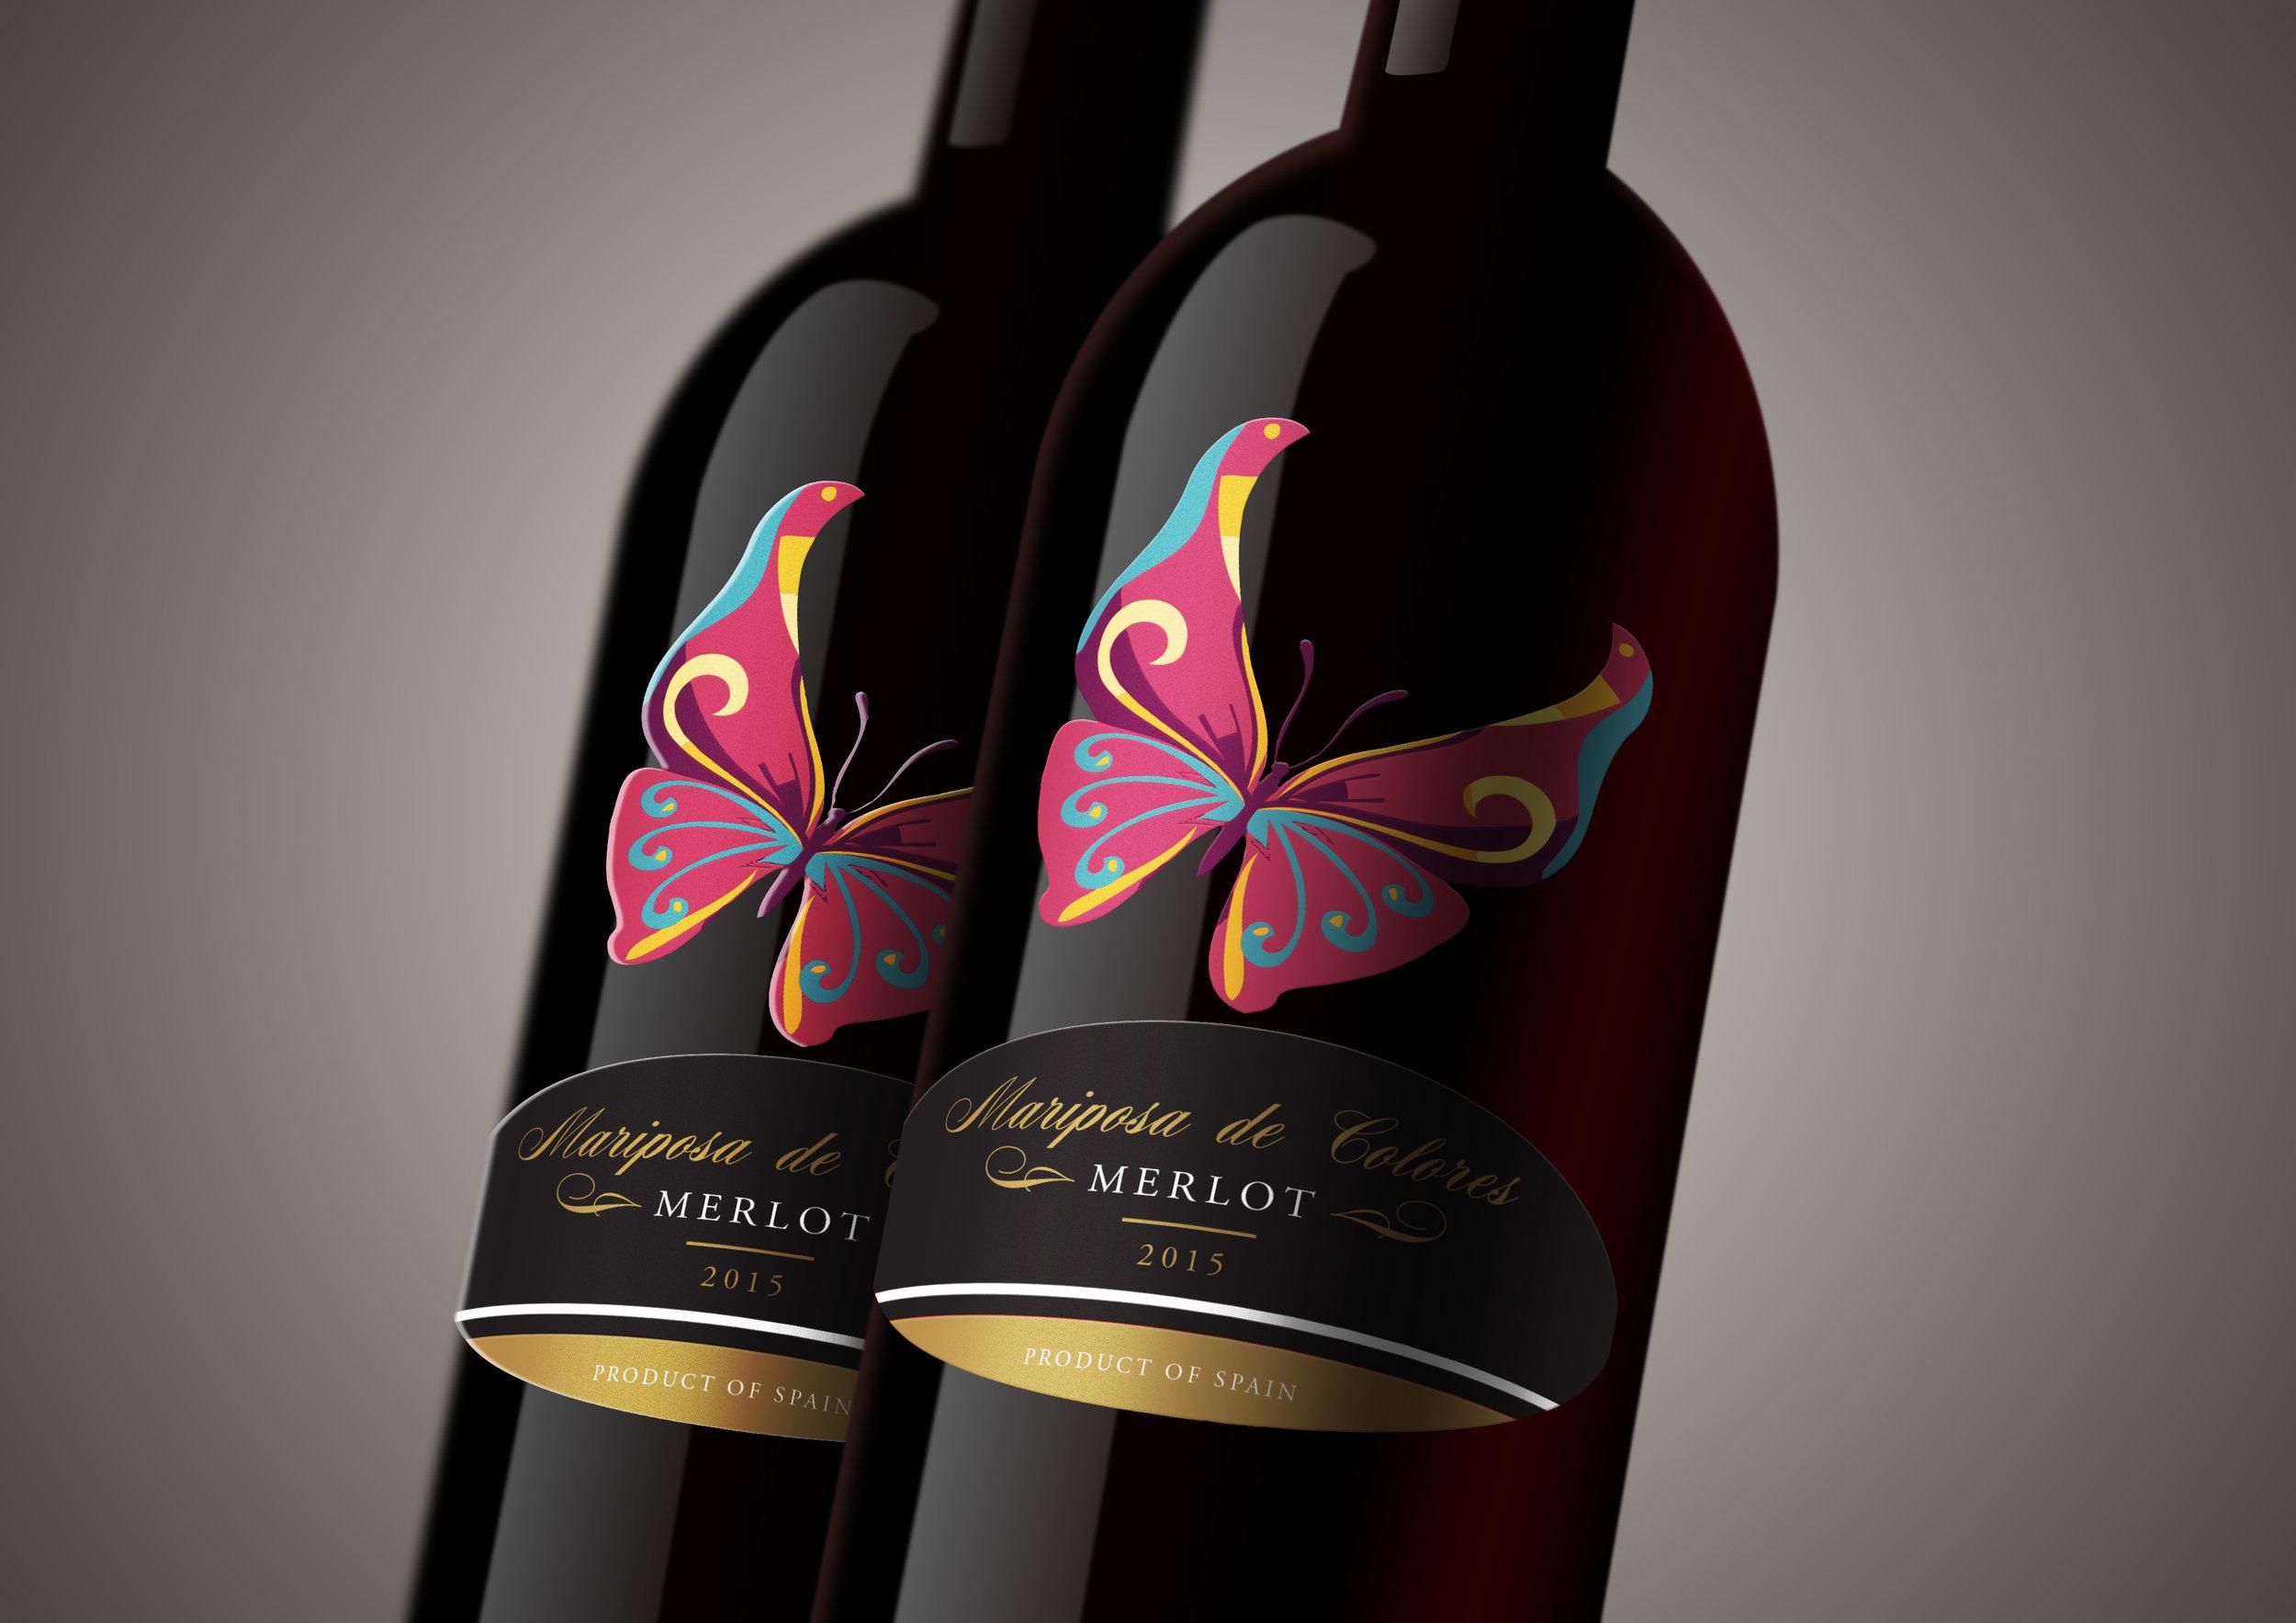 Mariposa De Colores 2 bottle shot.jpg